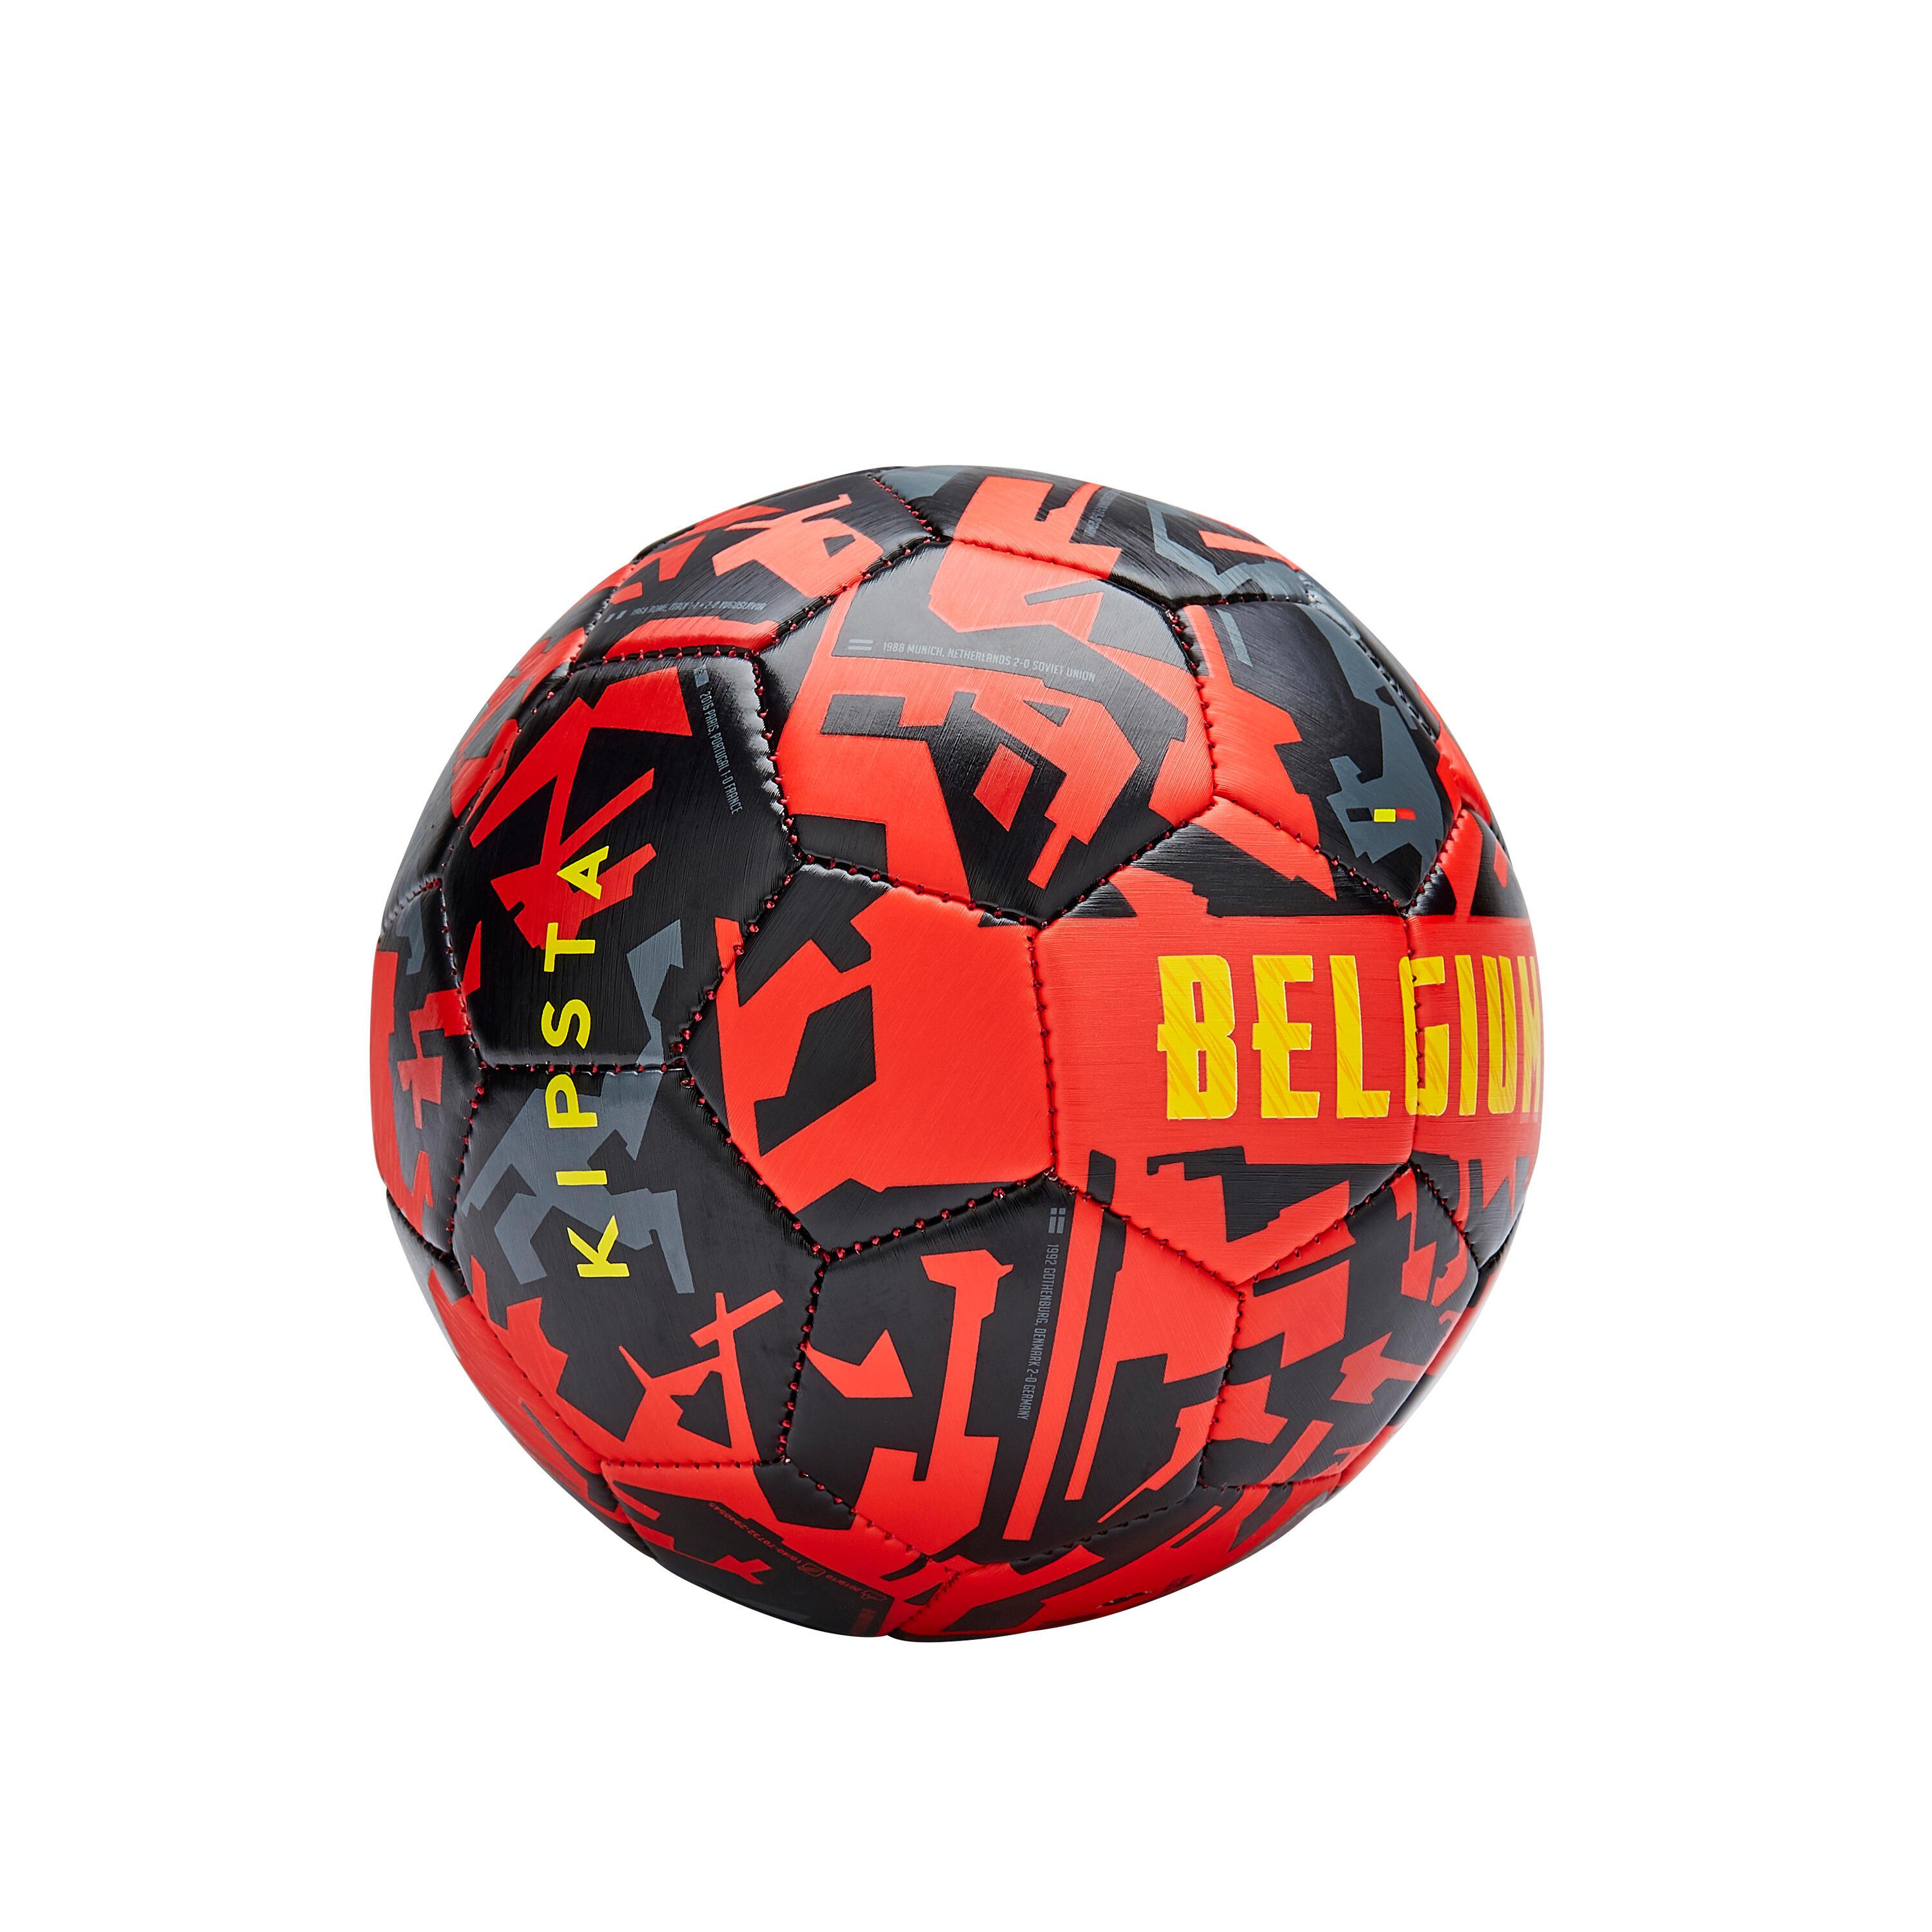 Ballon de football belgique 2020 taille 1 kipsta